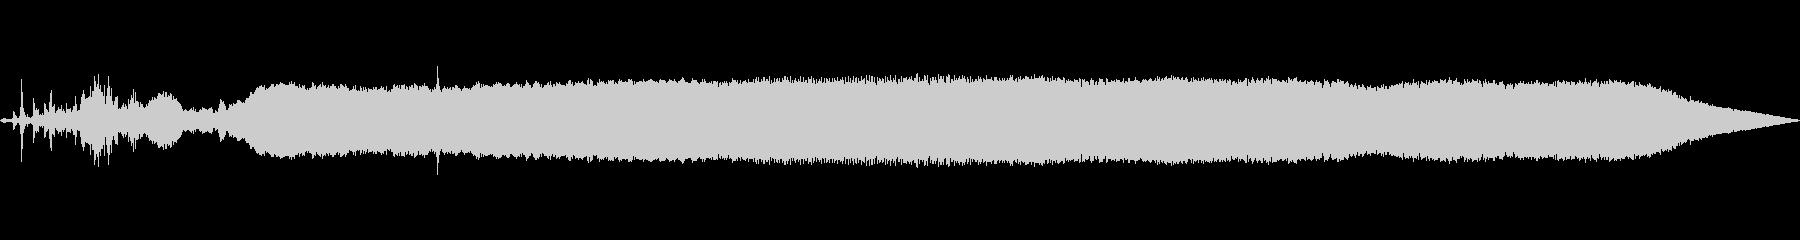 ブルルル(エンジン開始音)の未再生の波形